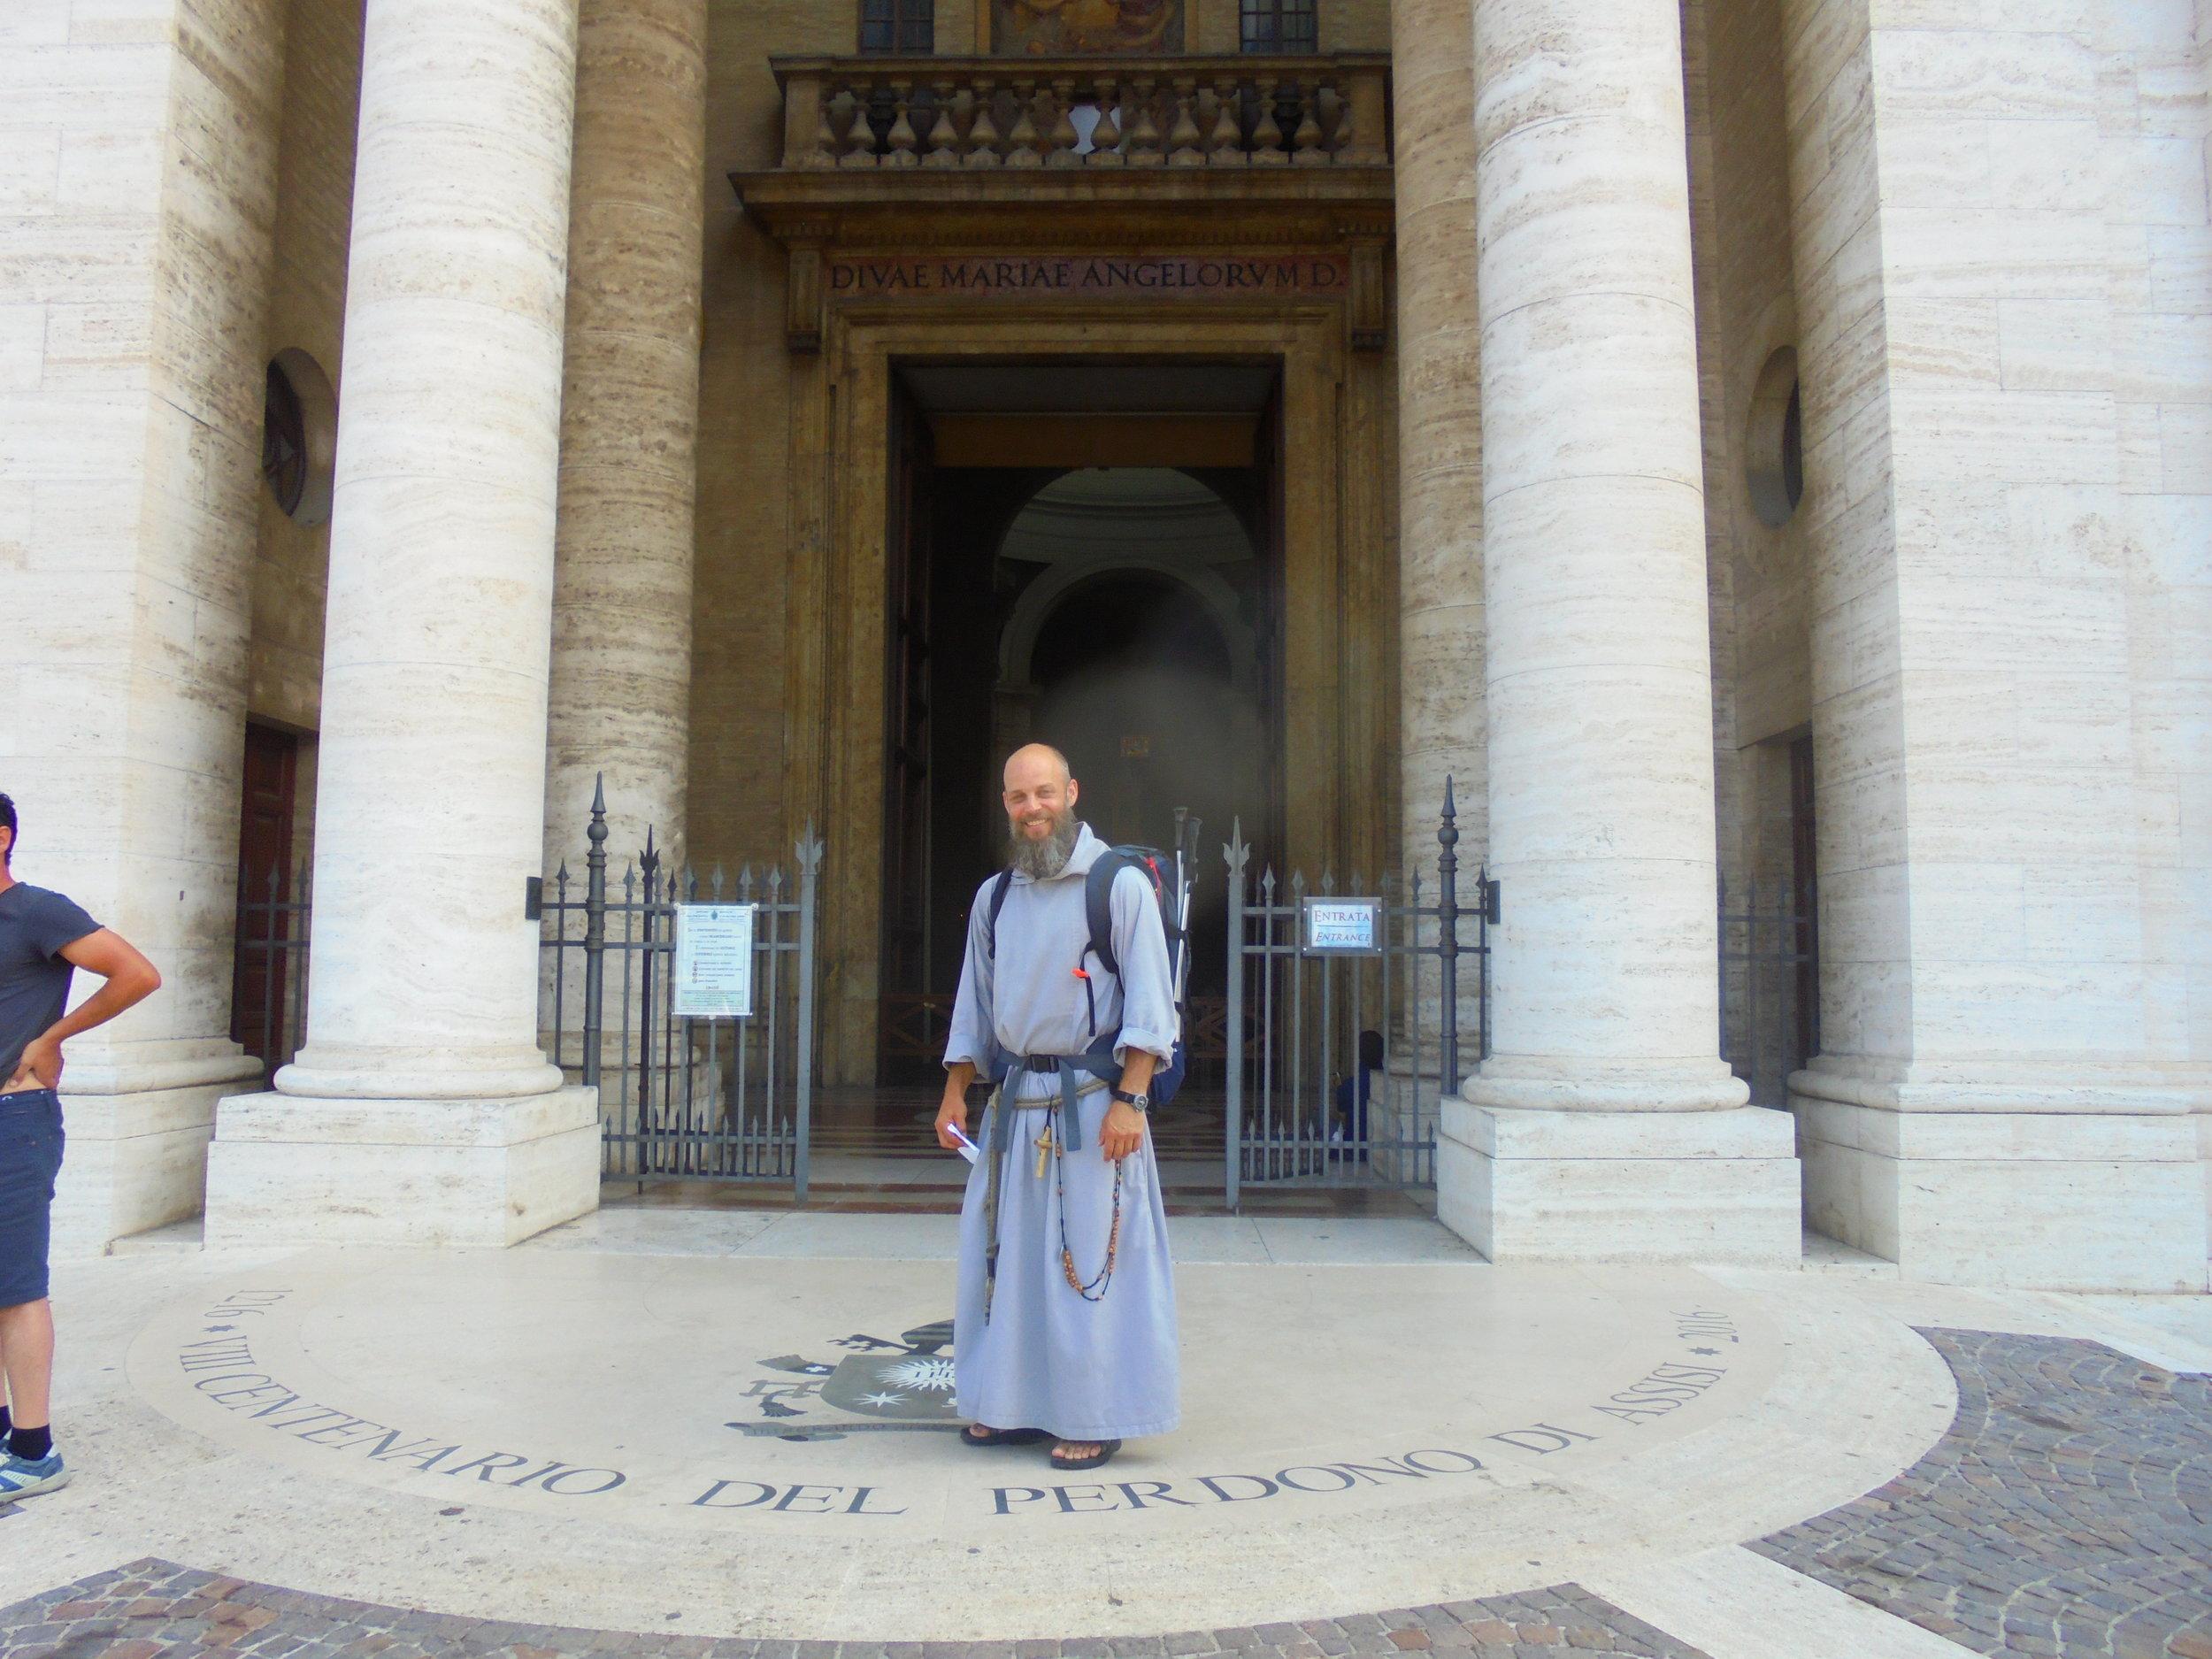 Fr Gabriel in Italy